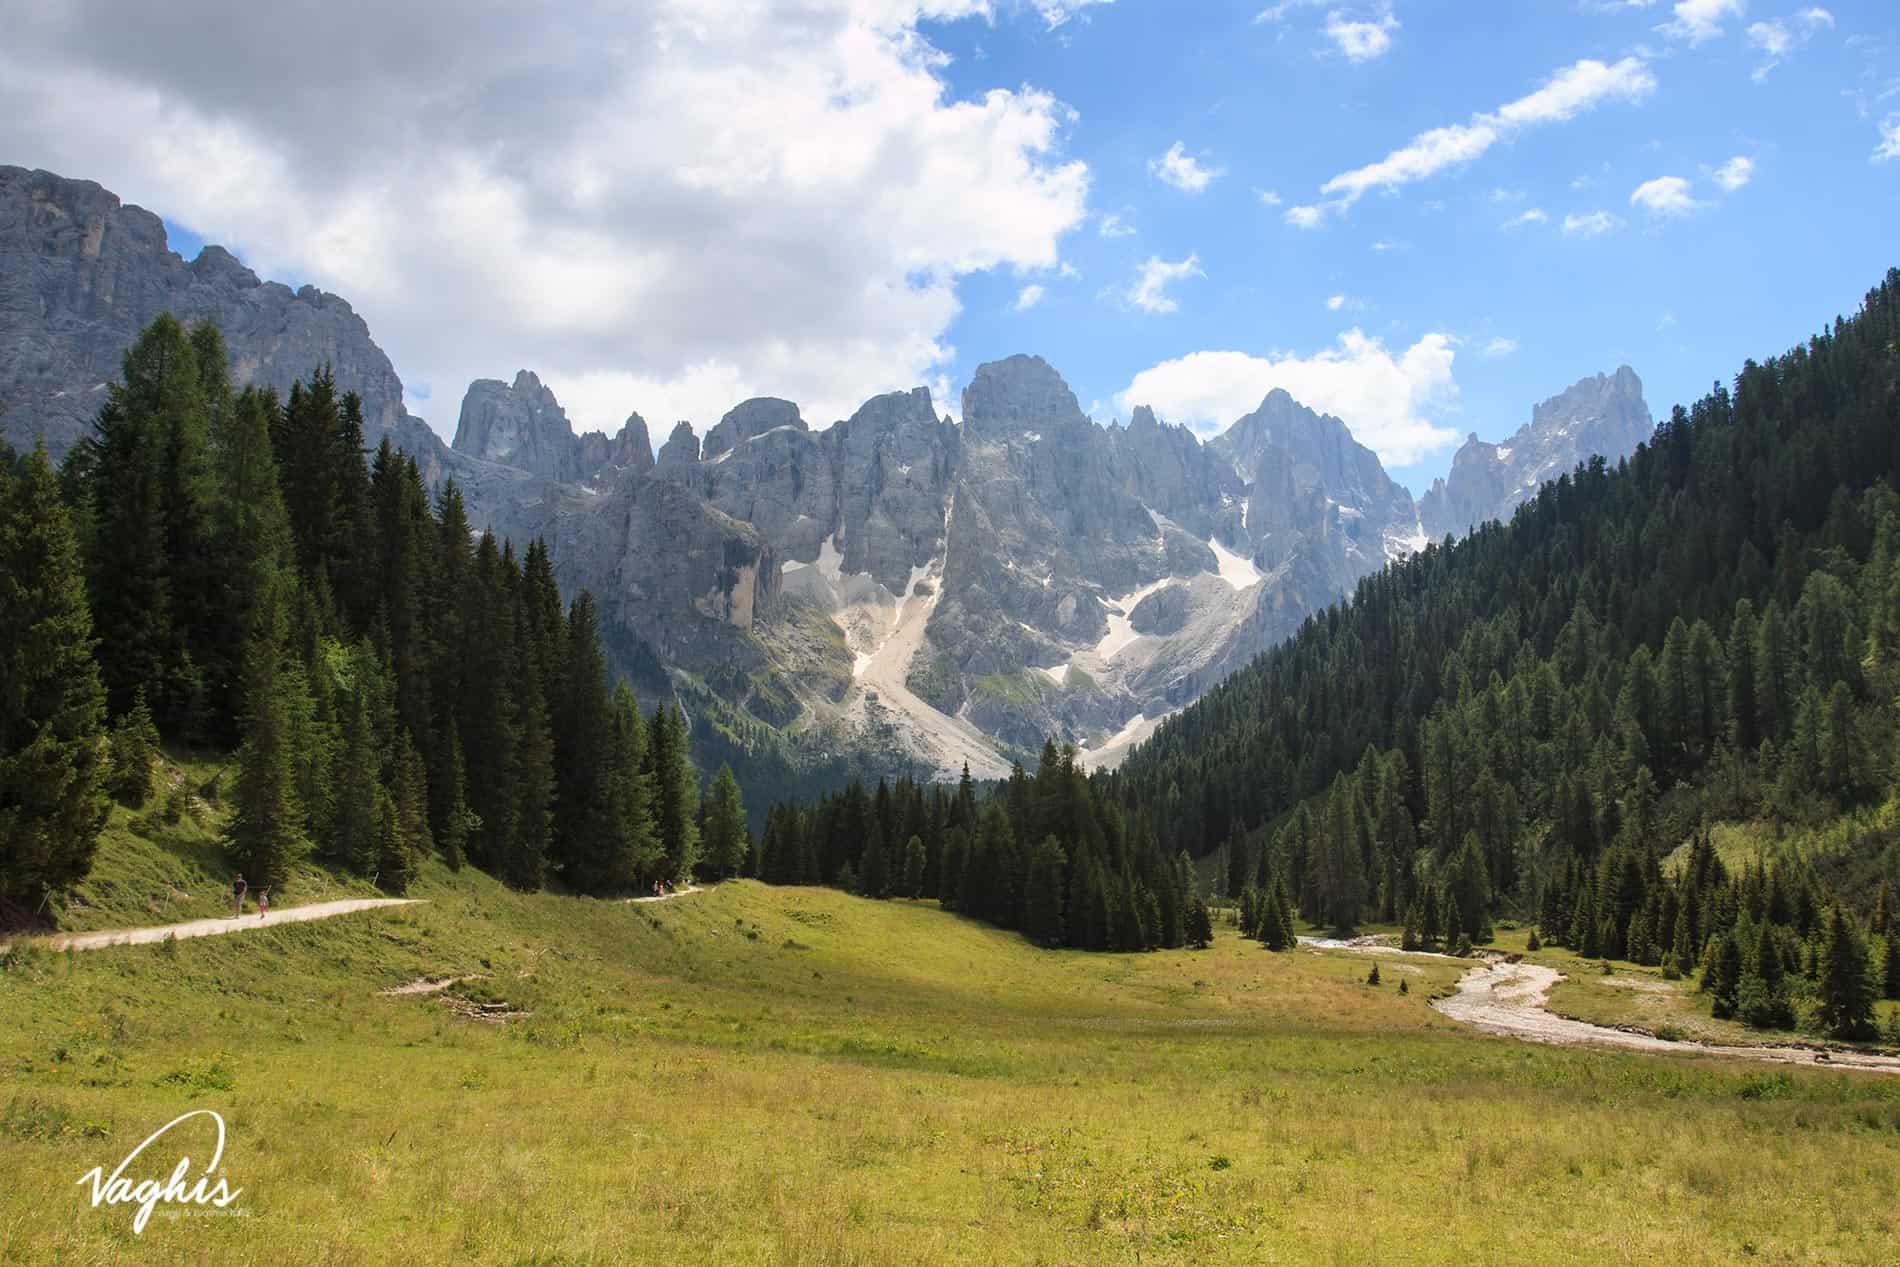 Parco naturale del Paneveggio - © Vaghis - viaggi & turismo Italia - Tutti-i-diritti riservati